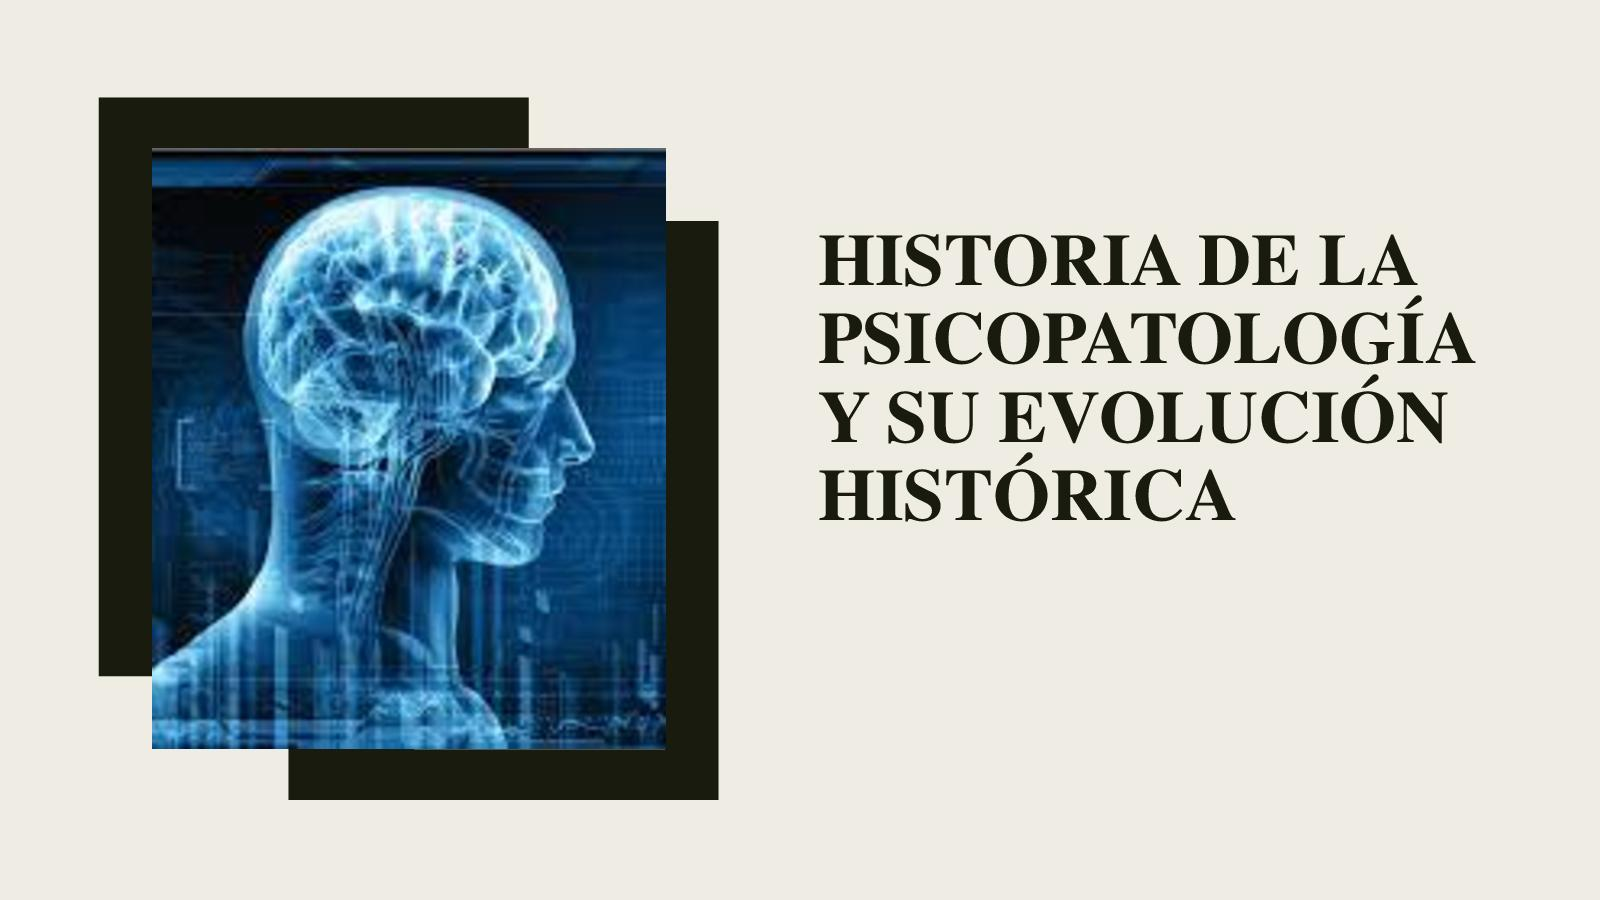 Historia De La Psicopatología Y Su Evolución Histórica